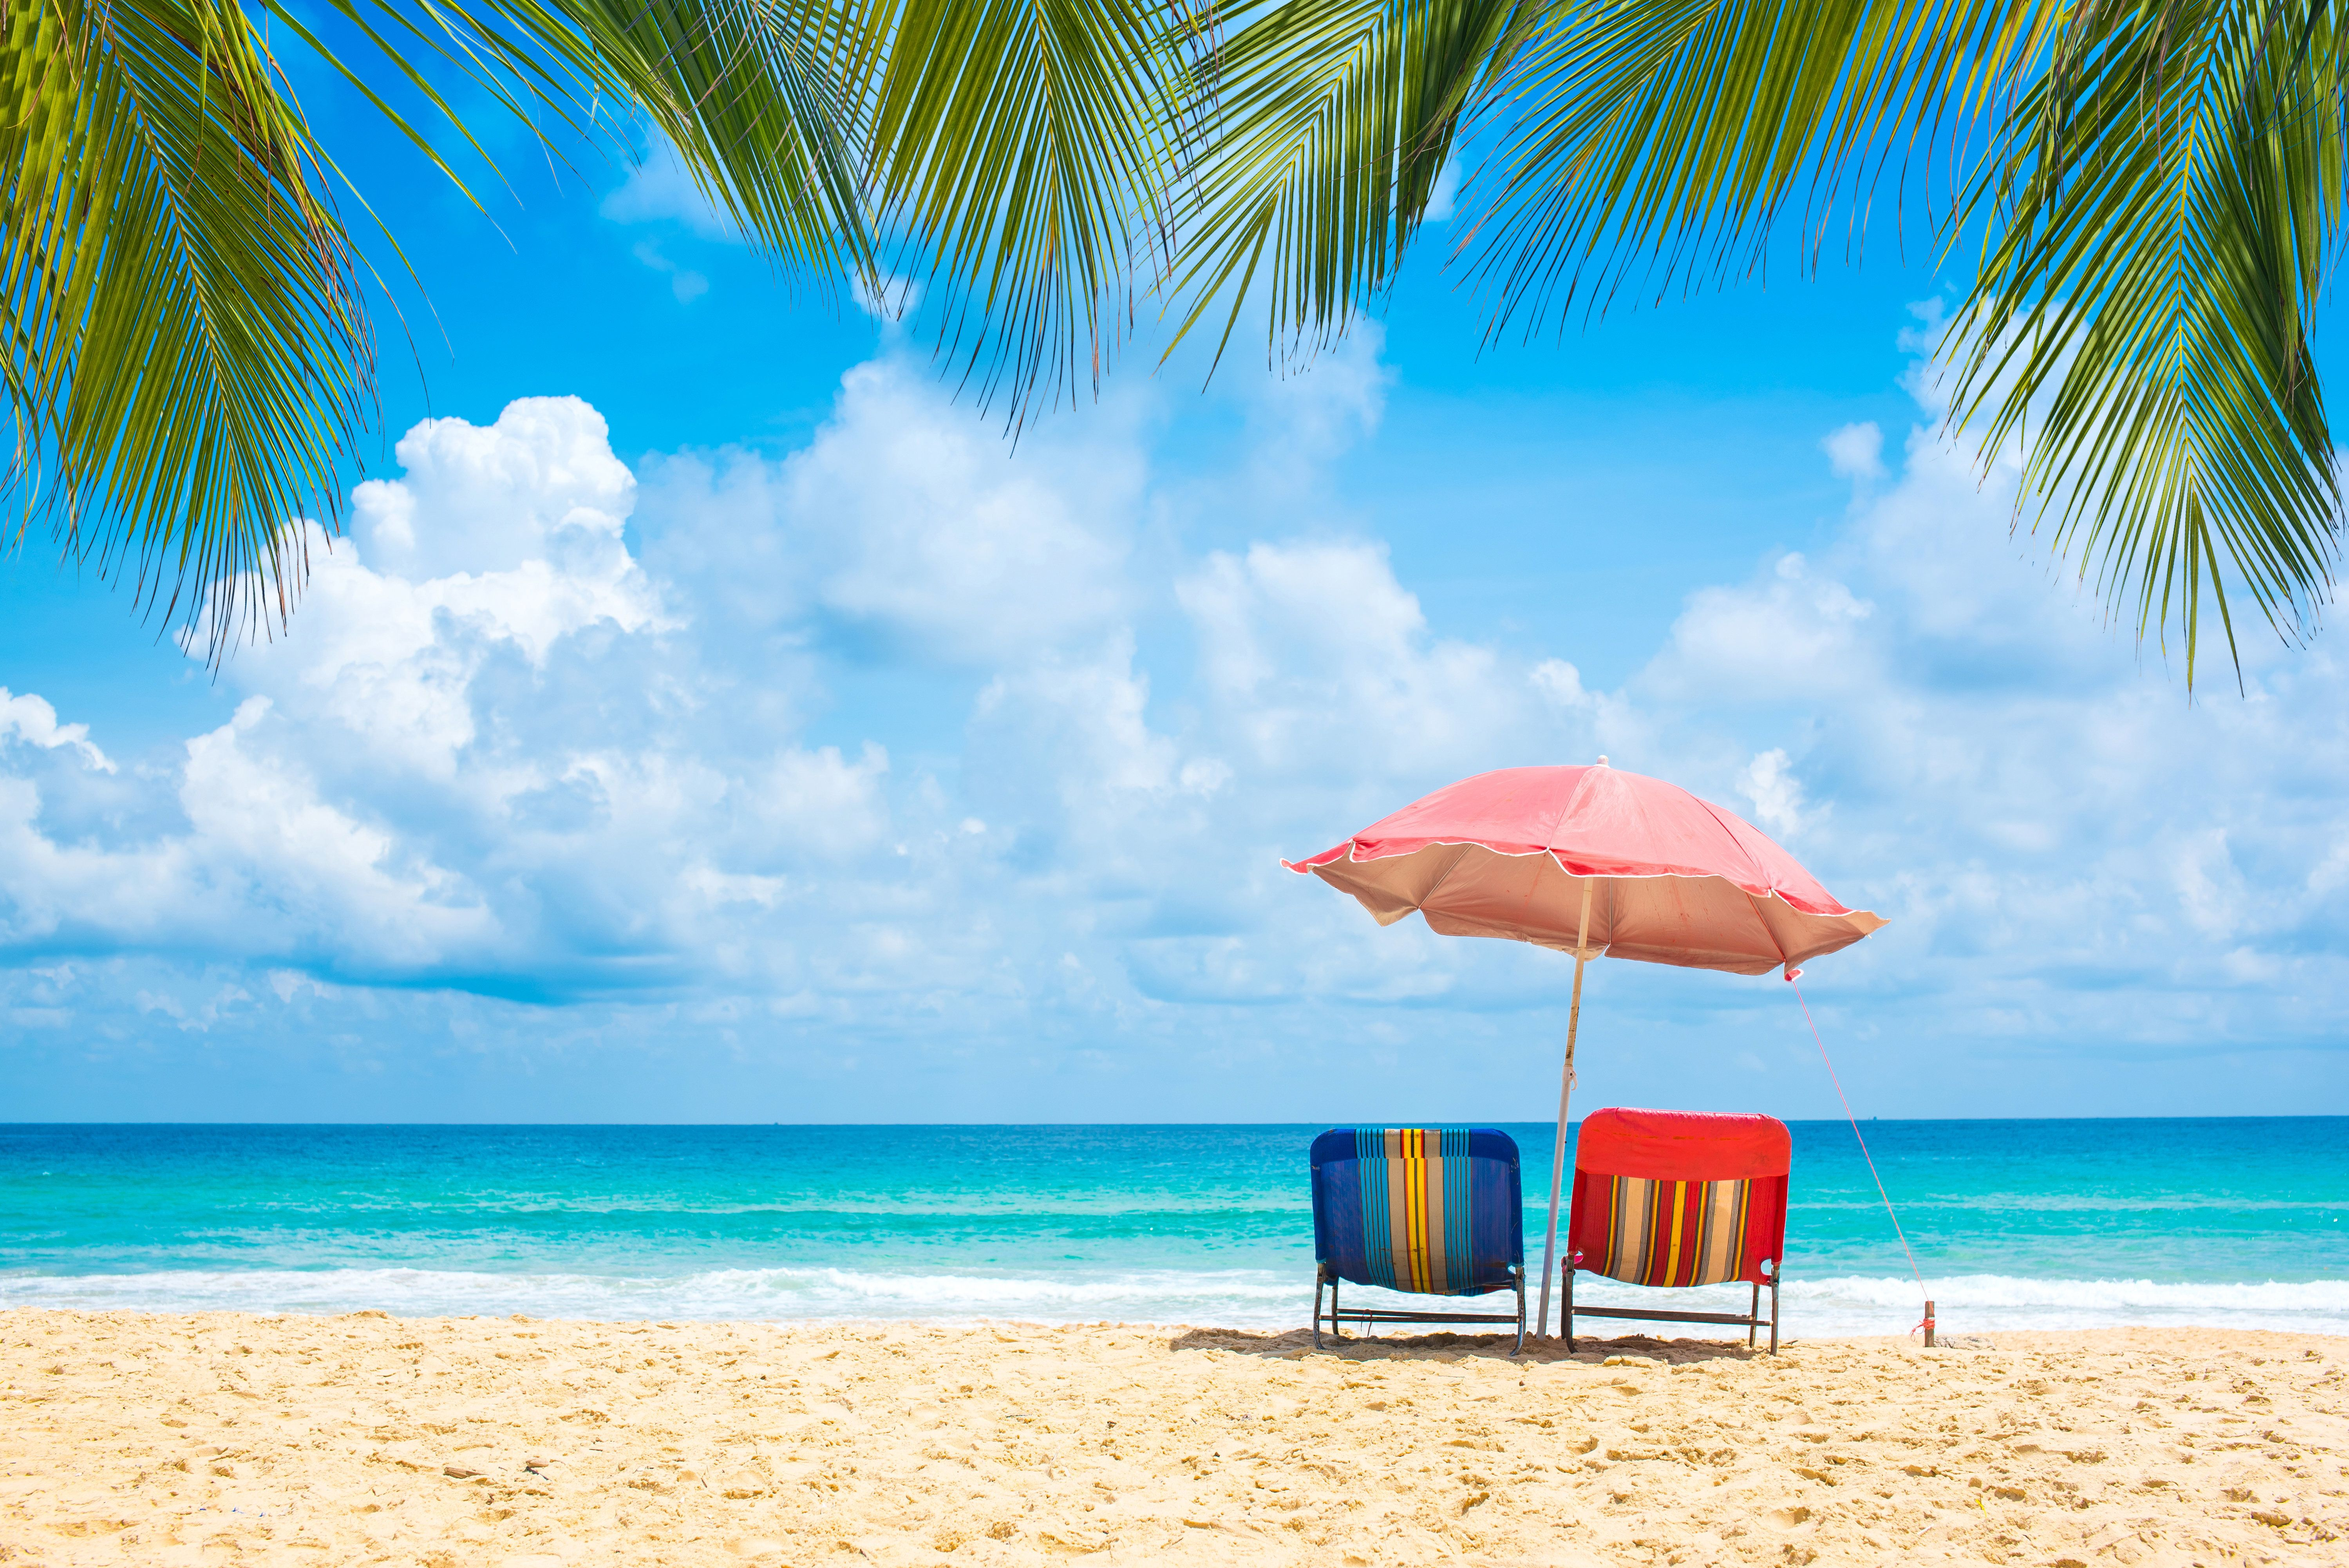 Υποστολή όλων των «γαλάζιων σημαιών» σε παραλίες δημοφιλούς τουριστικού